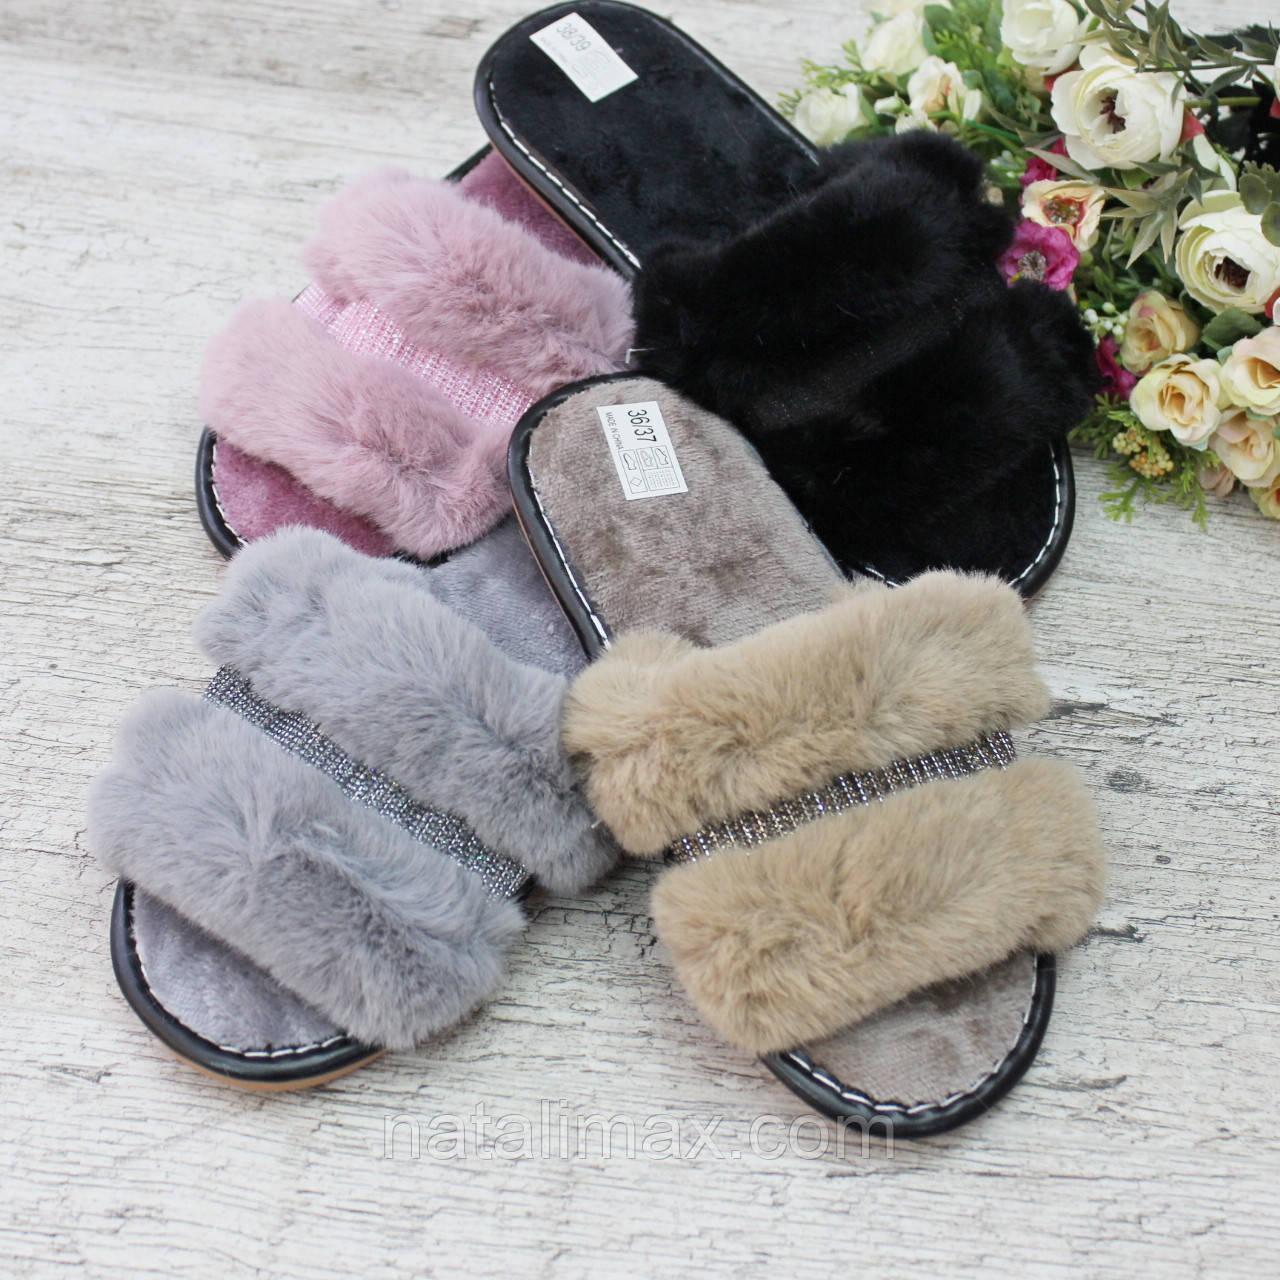 Тапочки домашние открытые, женские, РОСТОВКА от 36 до 41. Пушистые женские тапочки, обувь для дома